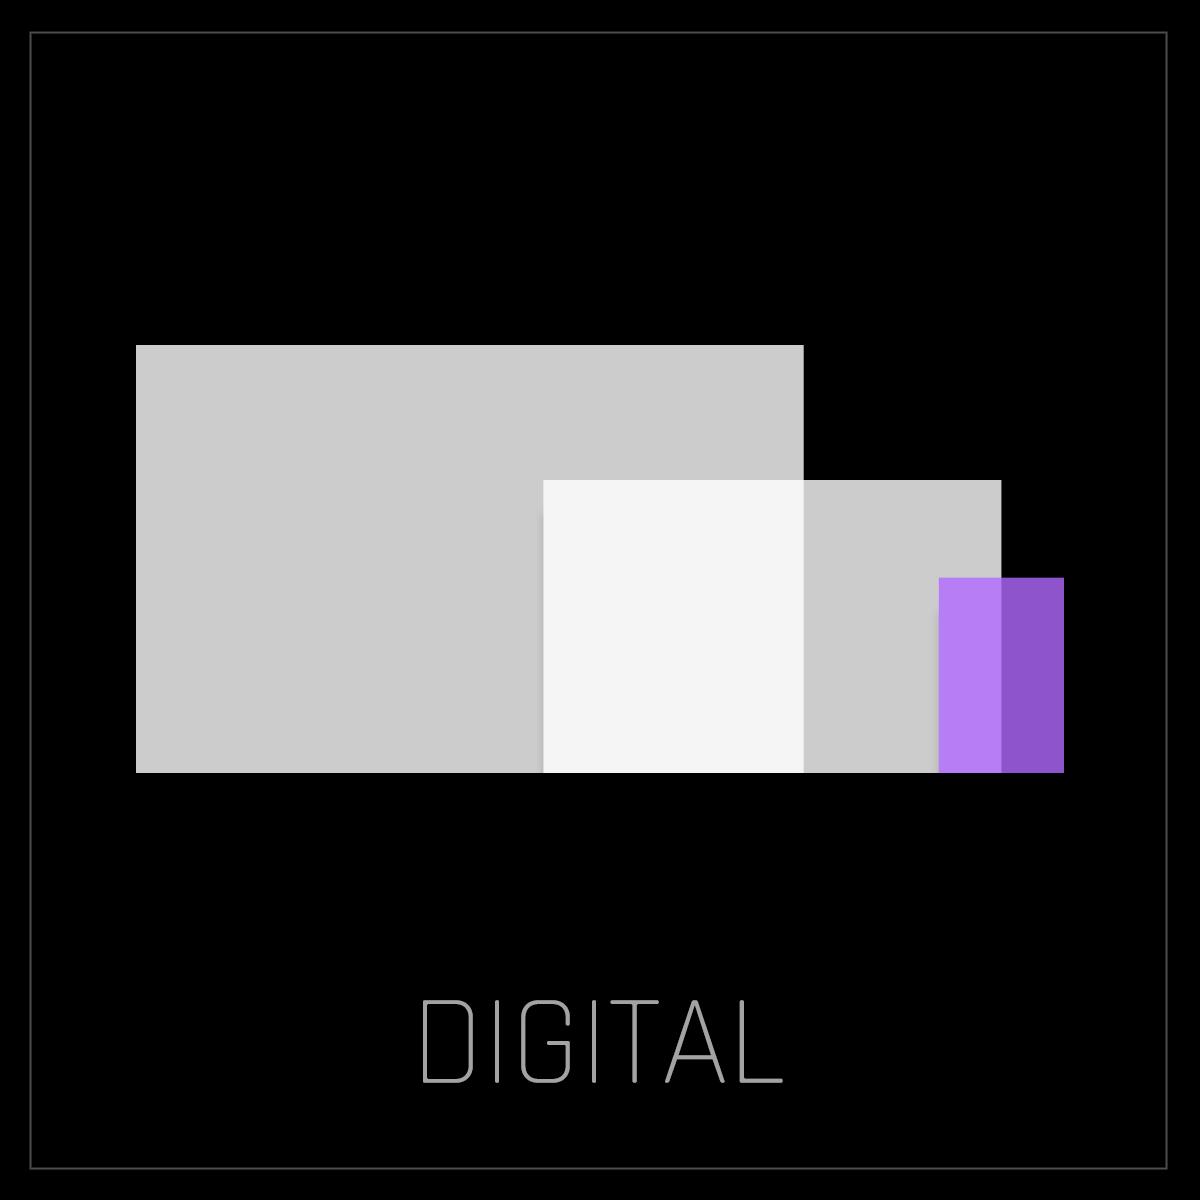 digital_02_0002_3.jpg